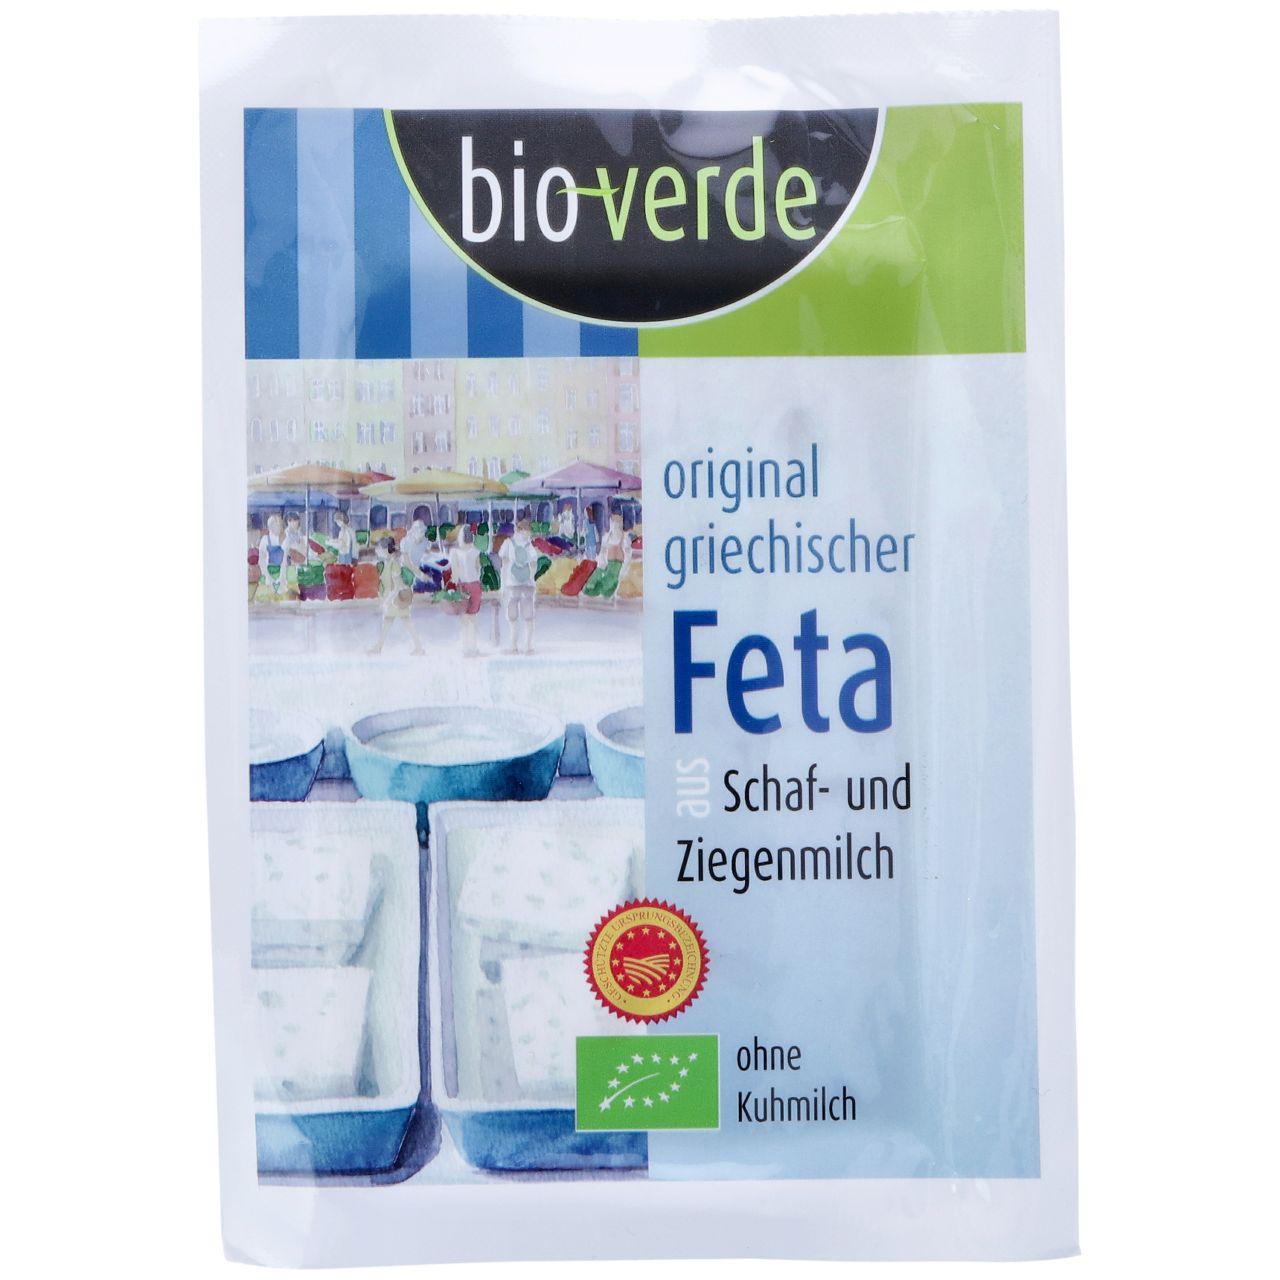 Original griechischer Feta 180 g